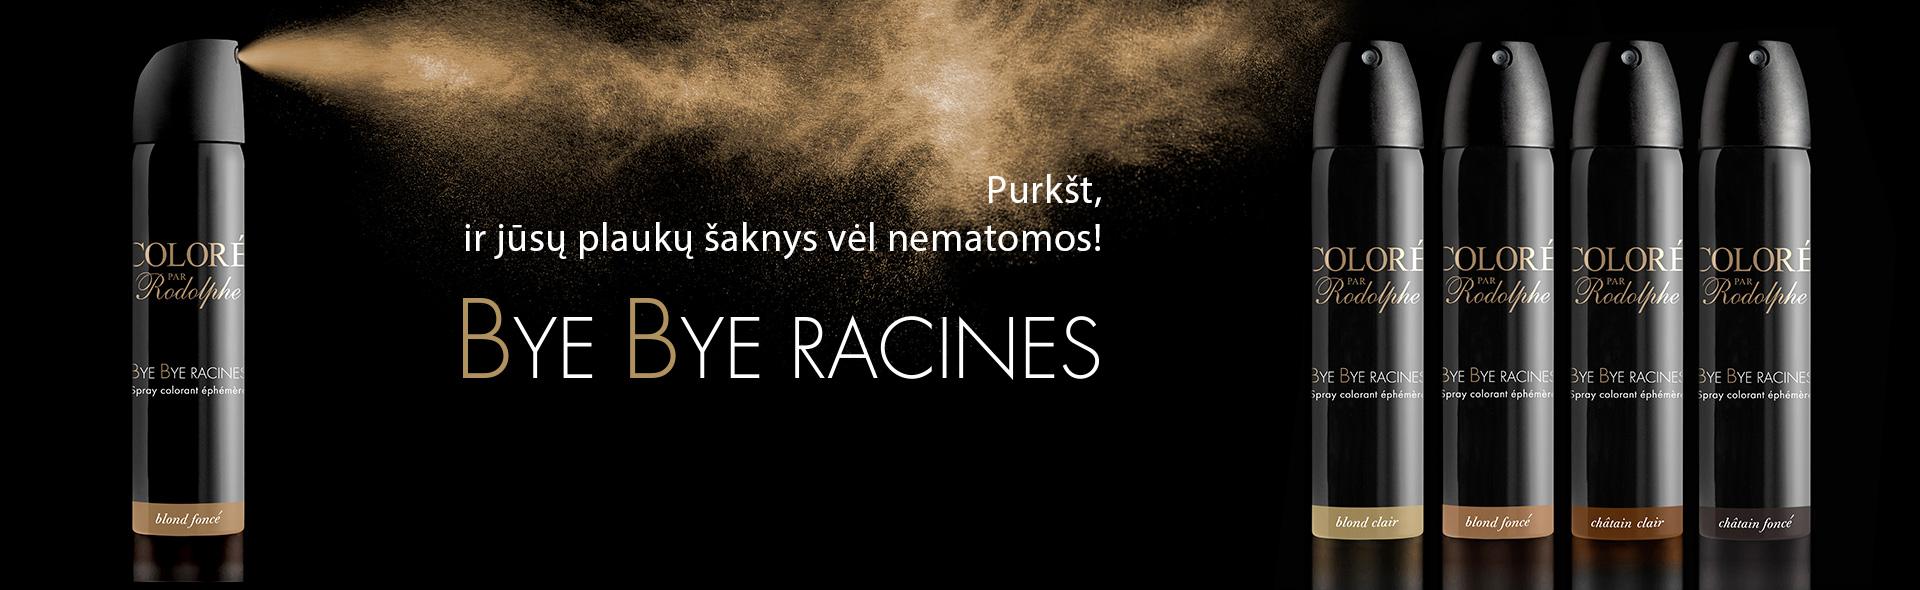 BYE BYE RACINES